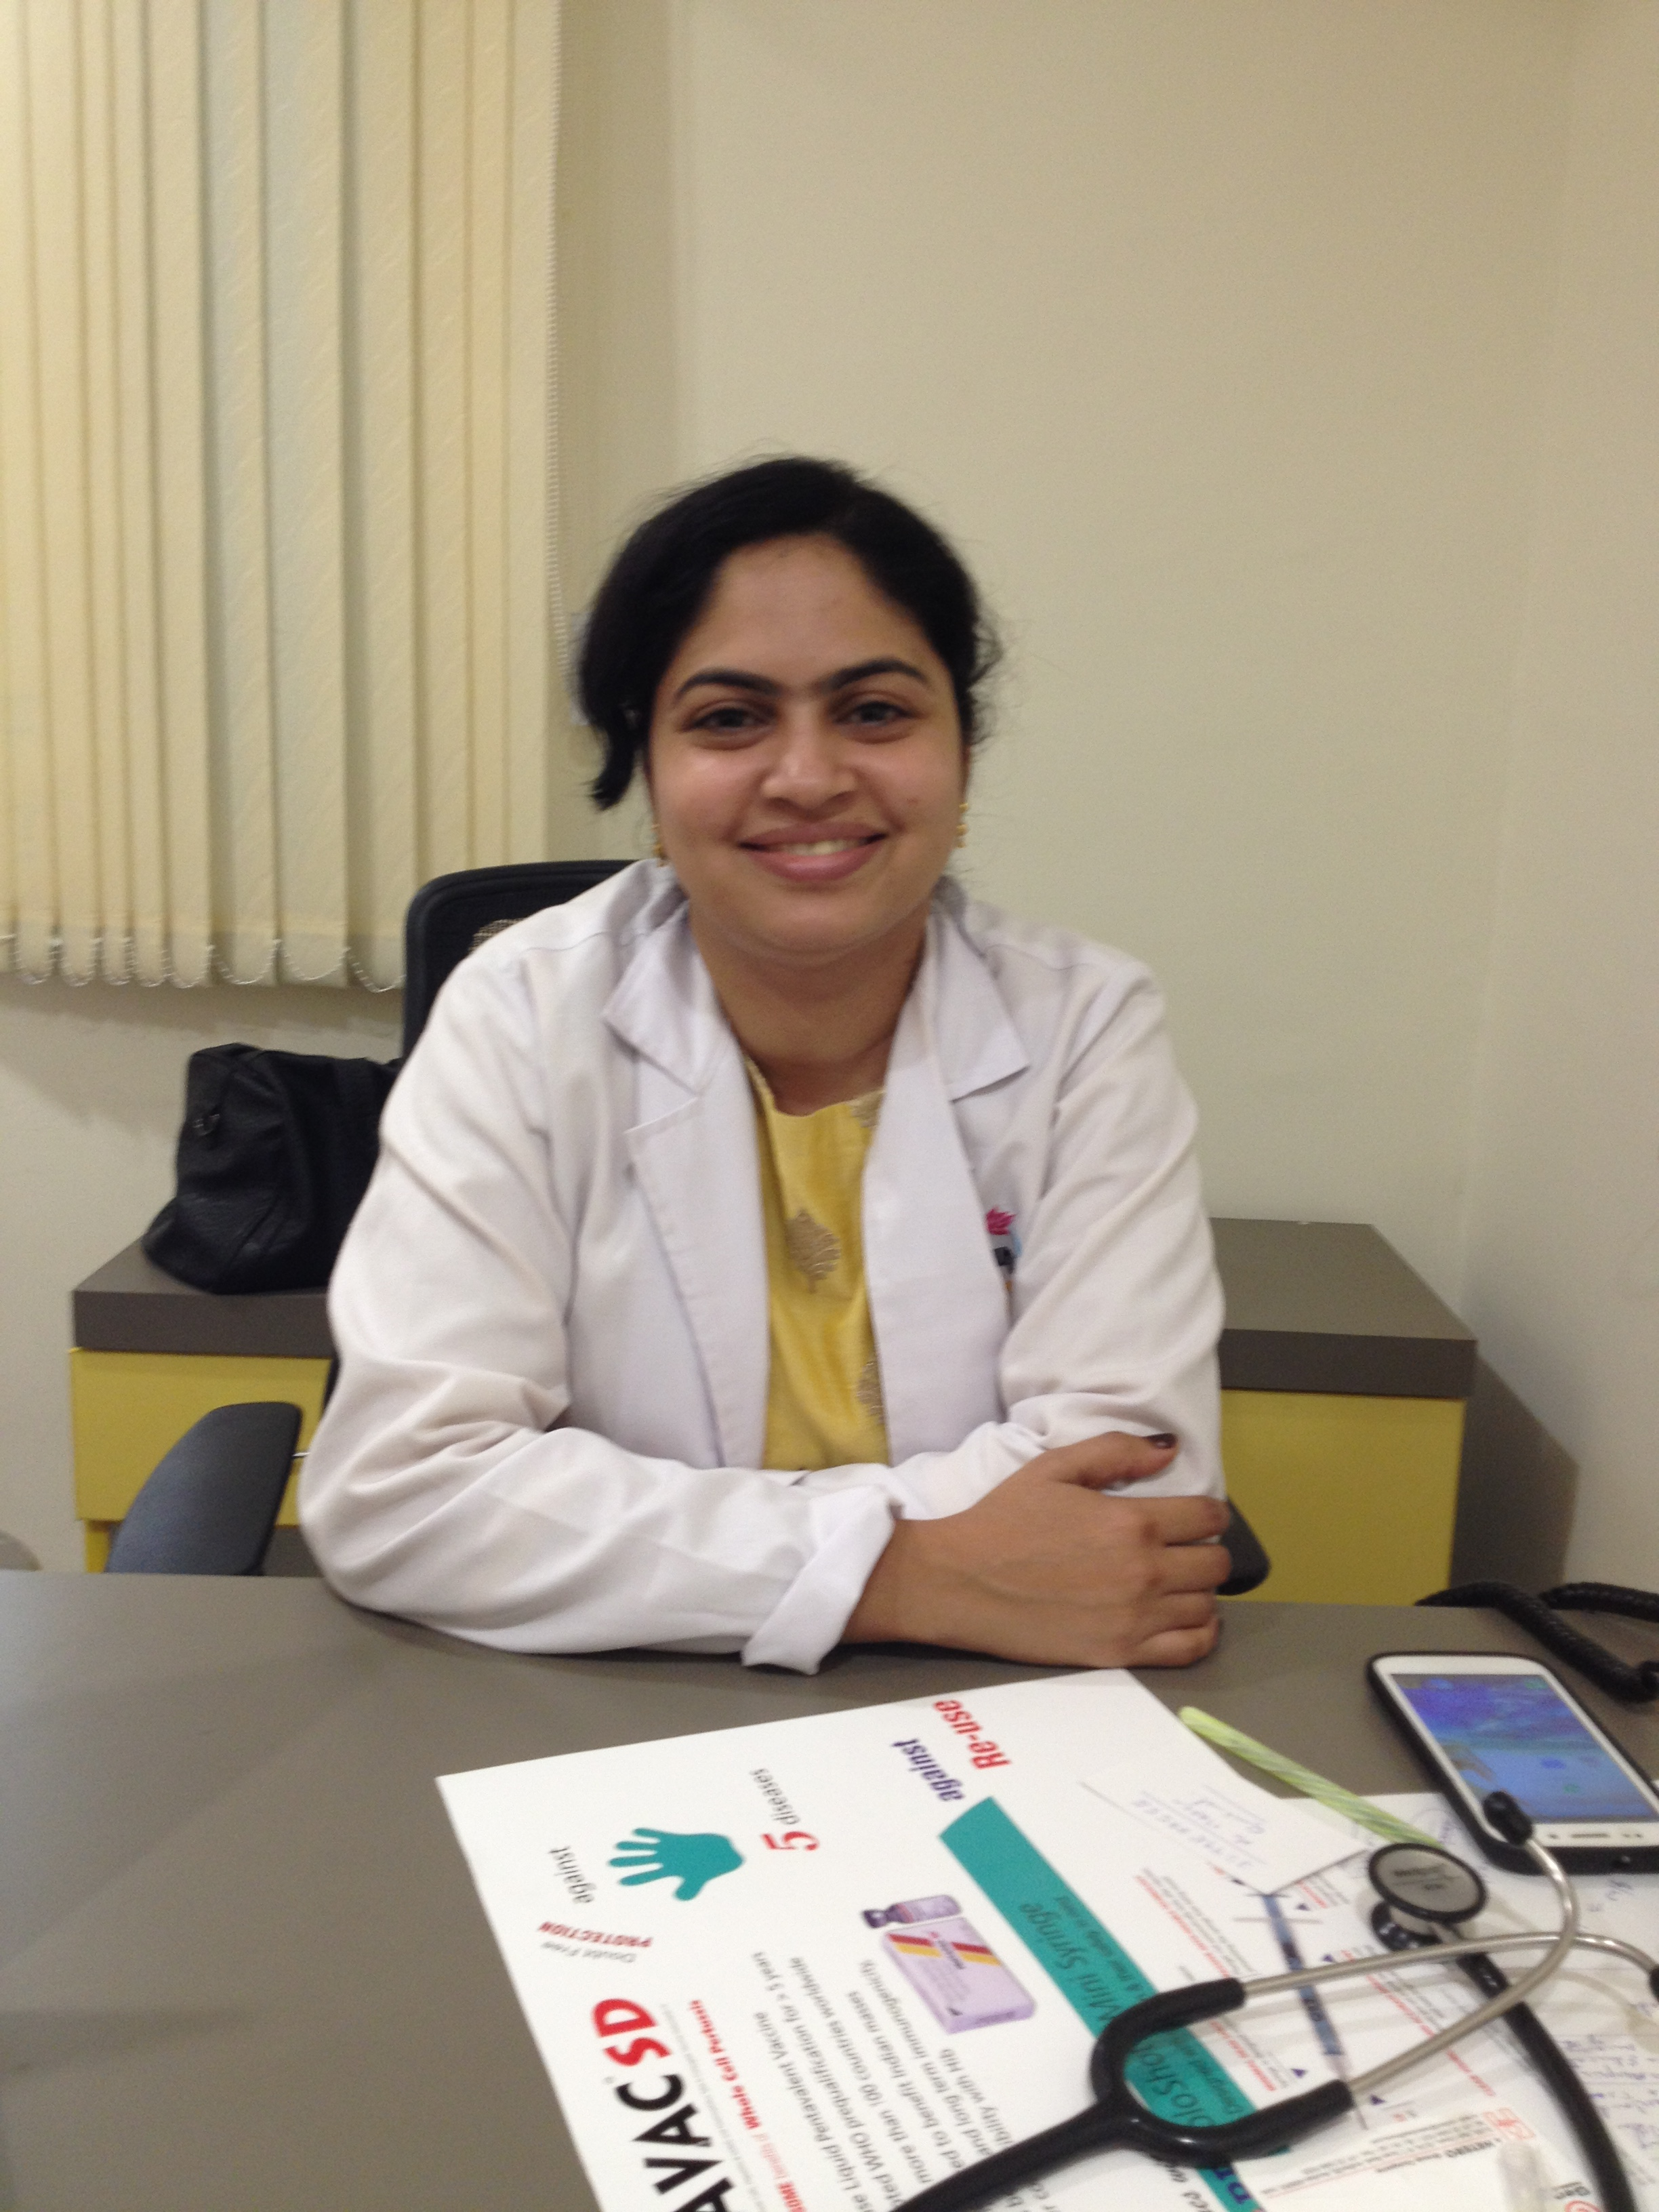 Dr. Michelle Solomon - Pediatrician